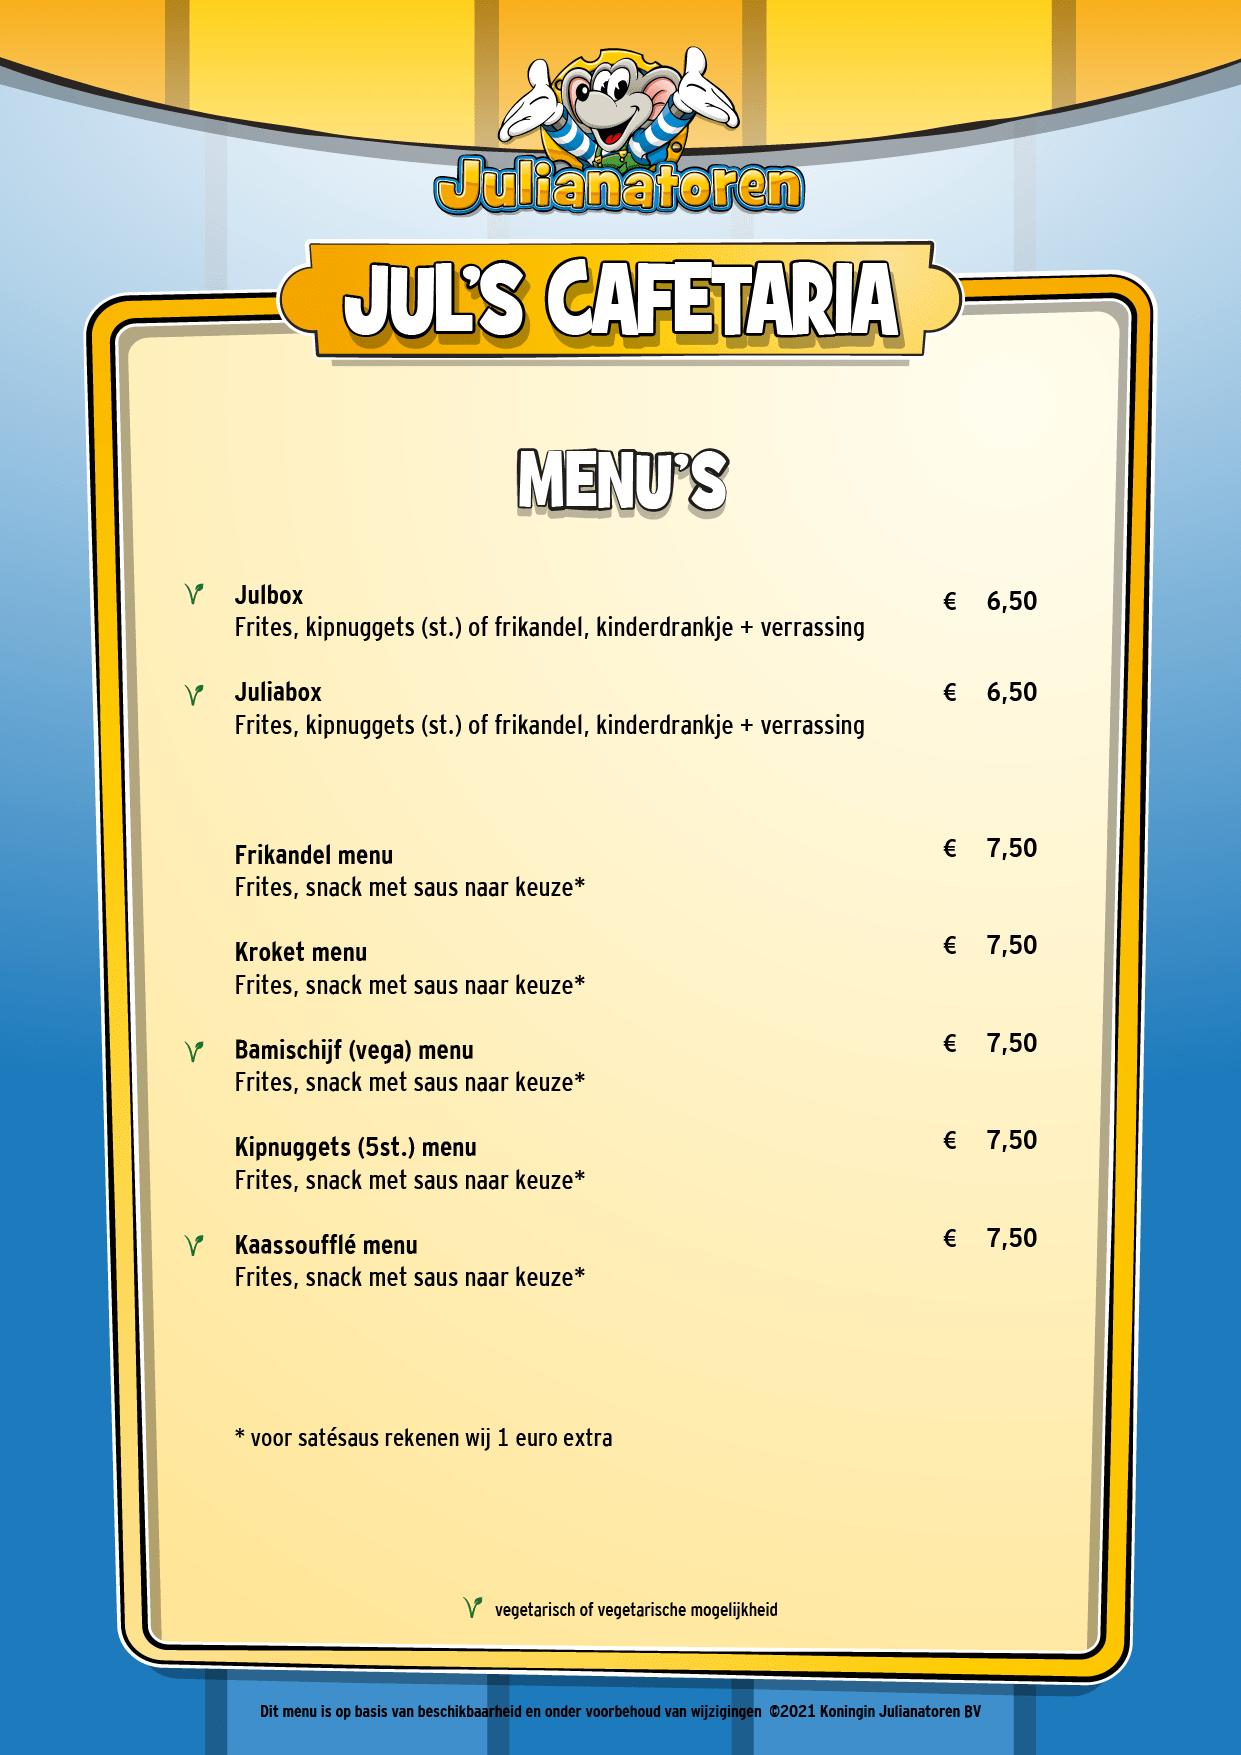 Menu Jul's Cafetaria